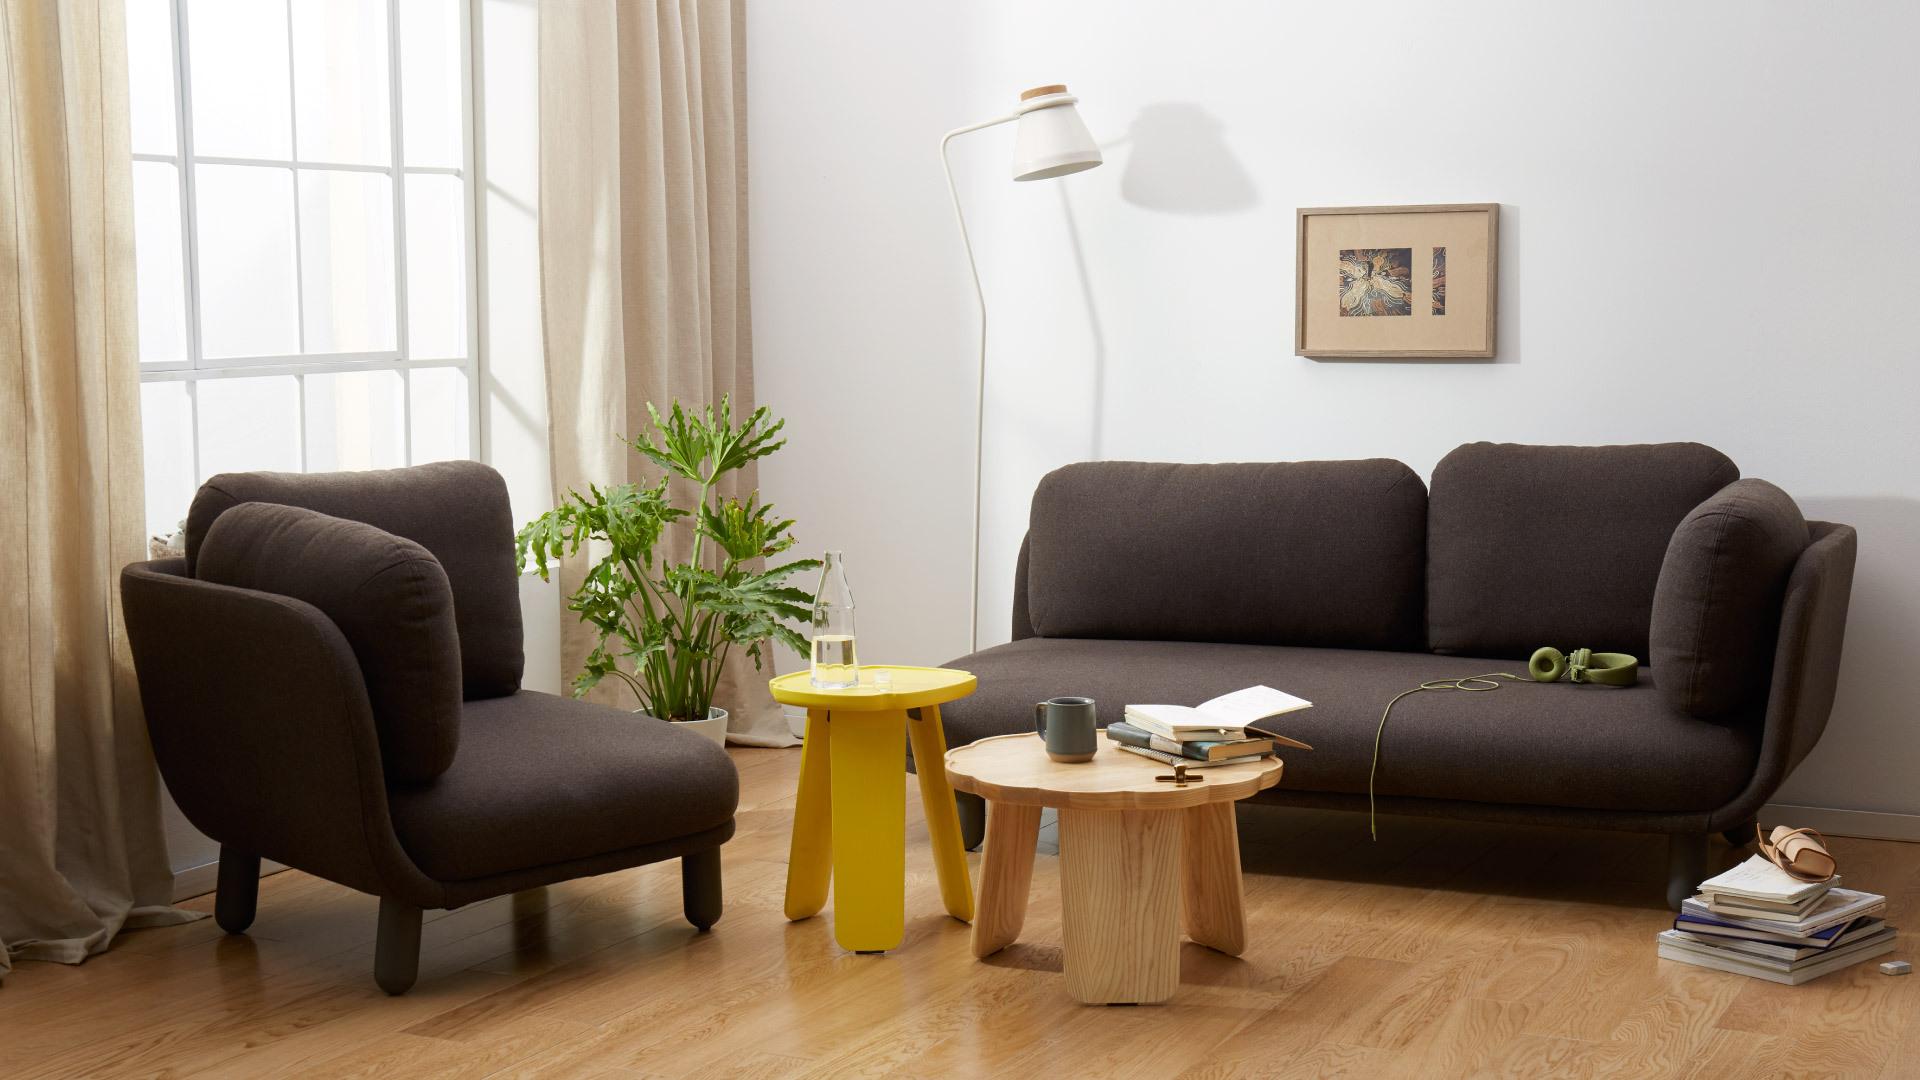 曲线围合,让客厅惬意更舒适